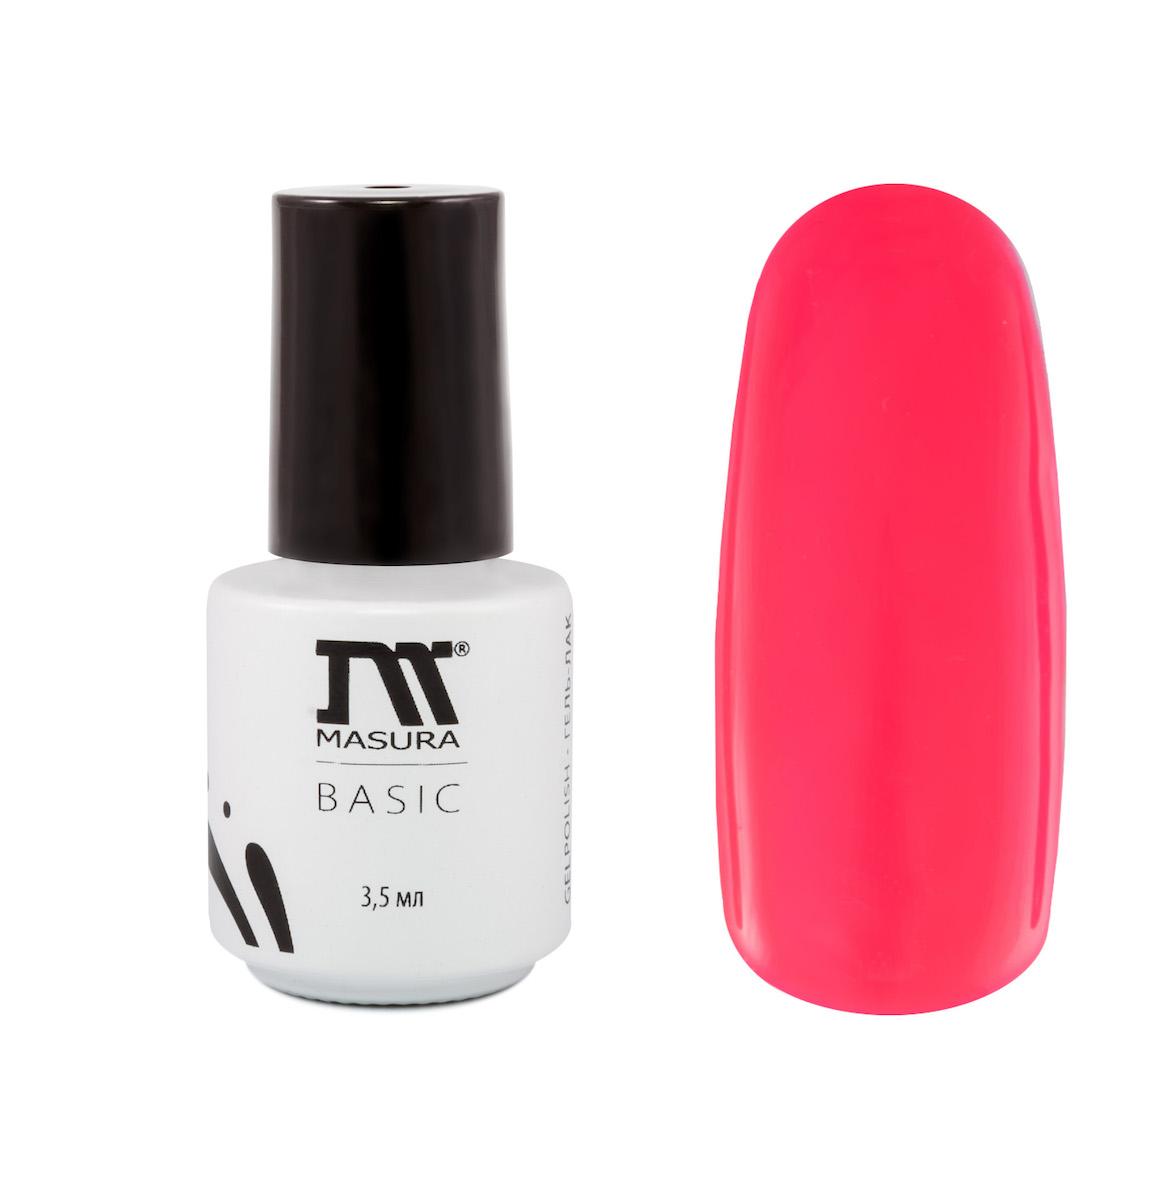 Masura Гель-лак BASIC Поцелуй на Вылет 3,5 мл294-78МНеоново-розовый, без блесток и перламутра, плотный